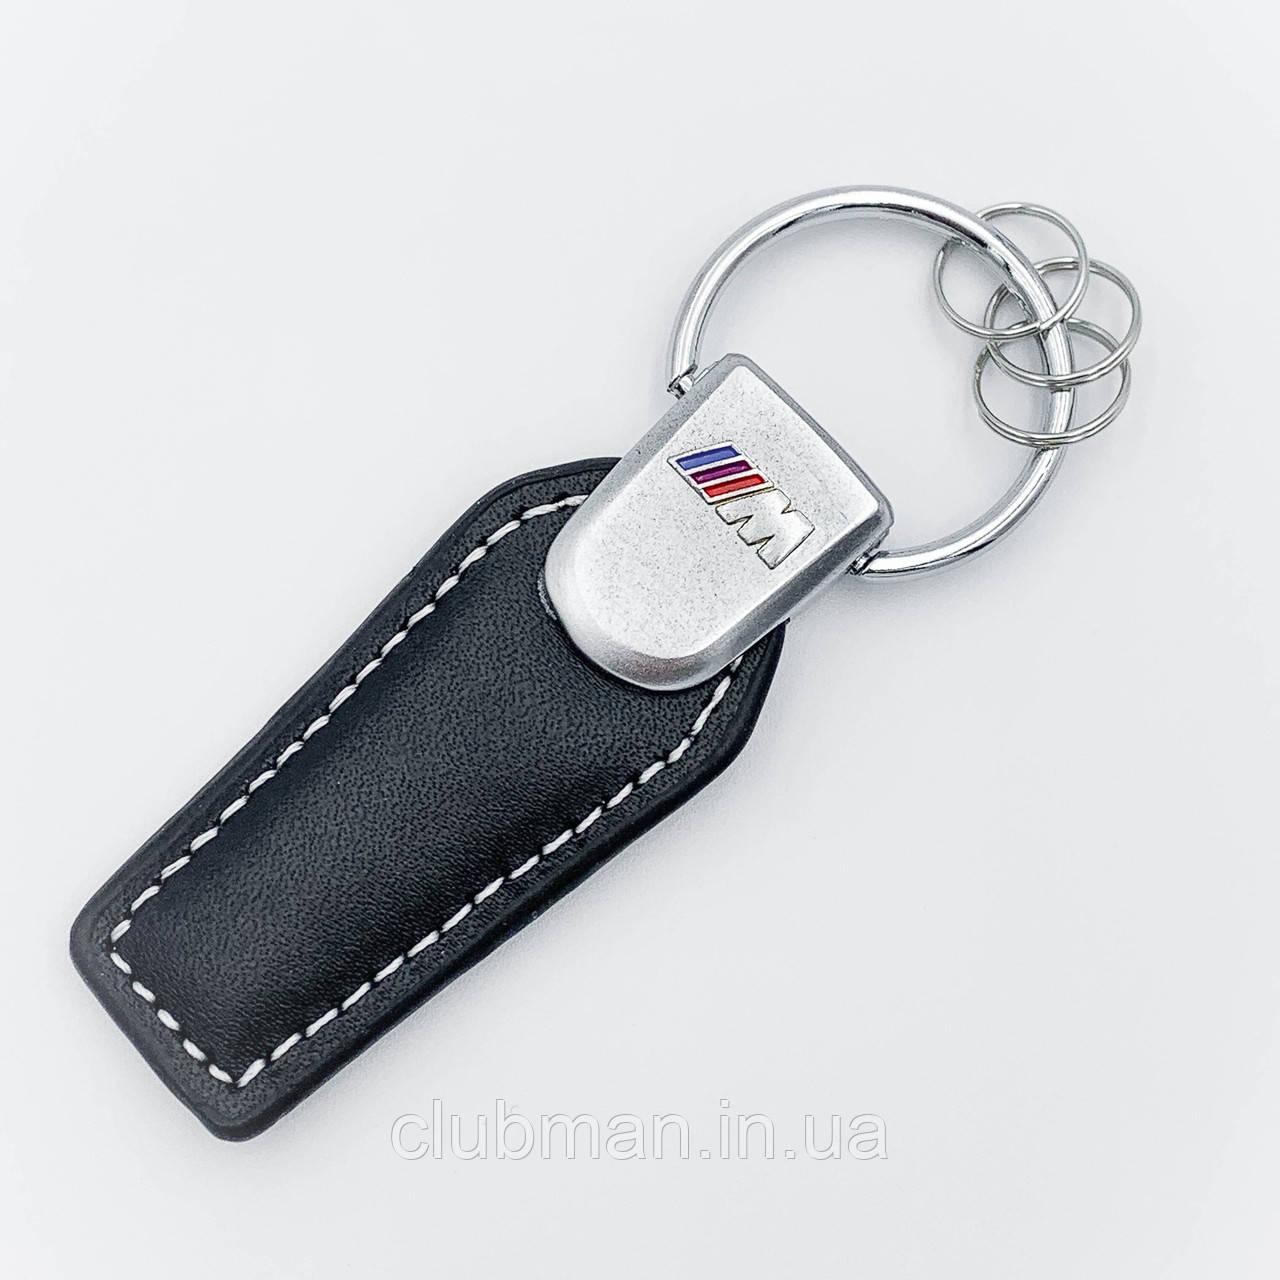 Брелок для ключей кожаный для BMW M БМВ черный с белой ниткой